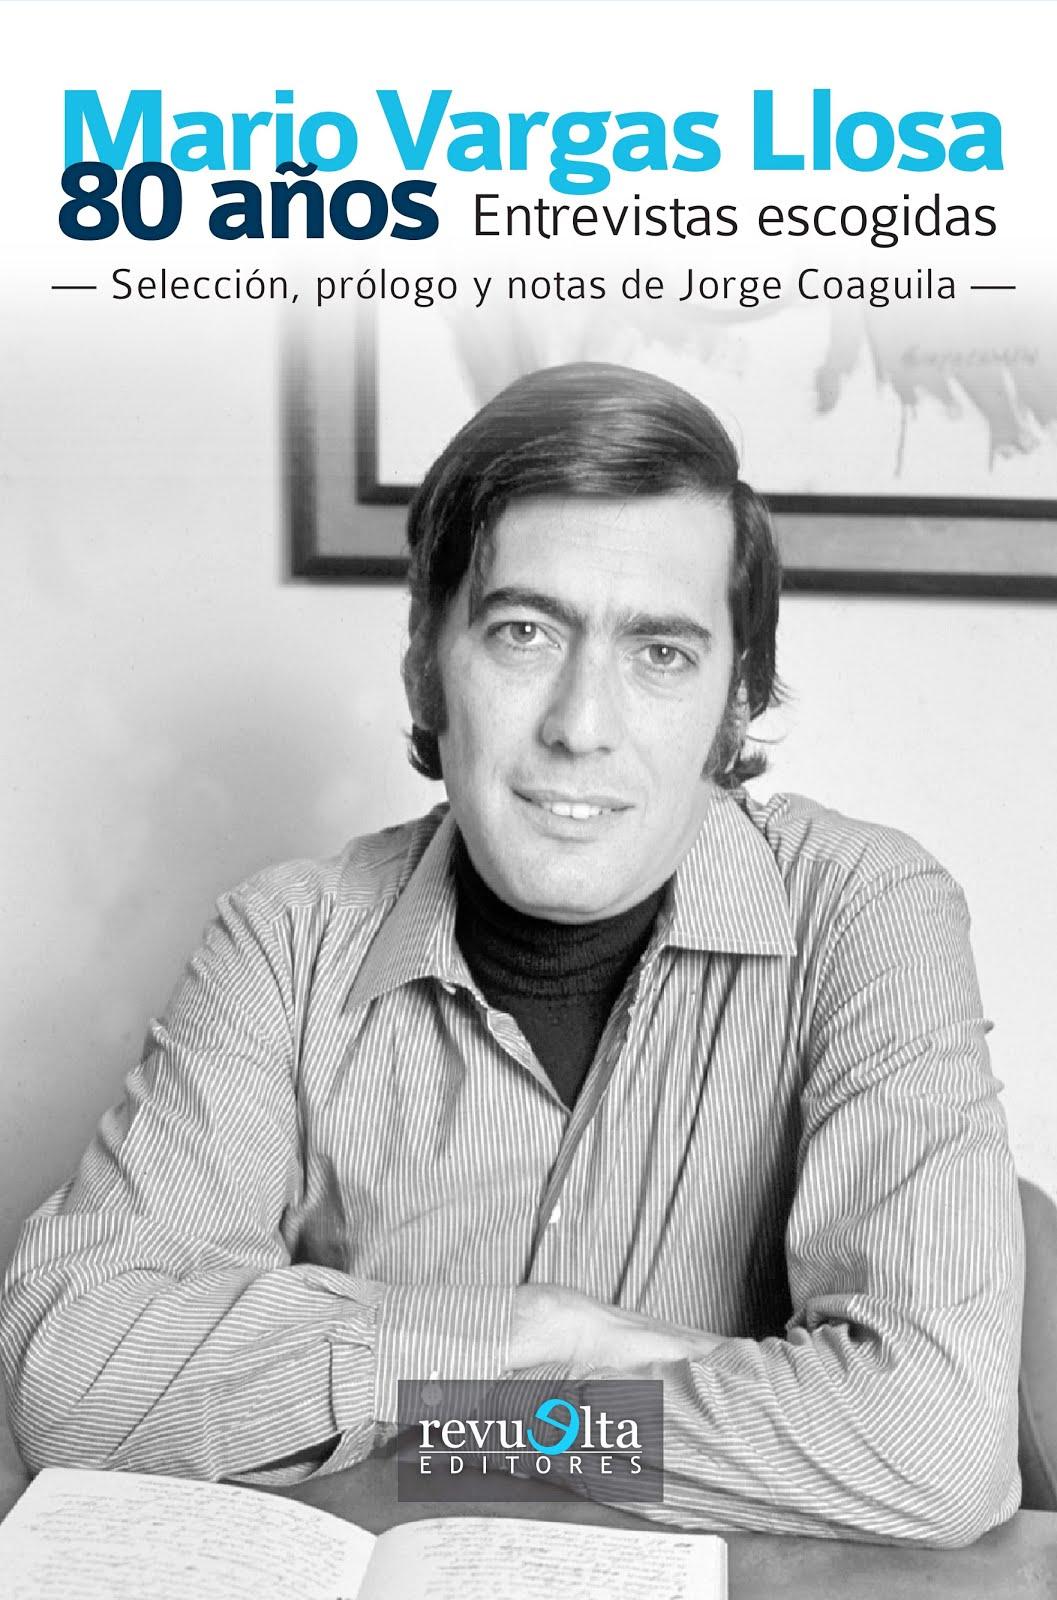 19. Mario Vargas Llosa. Entrevistas escogidas (2016) Cuarta edición